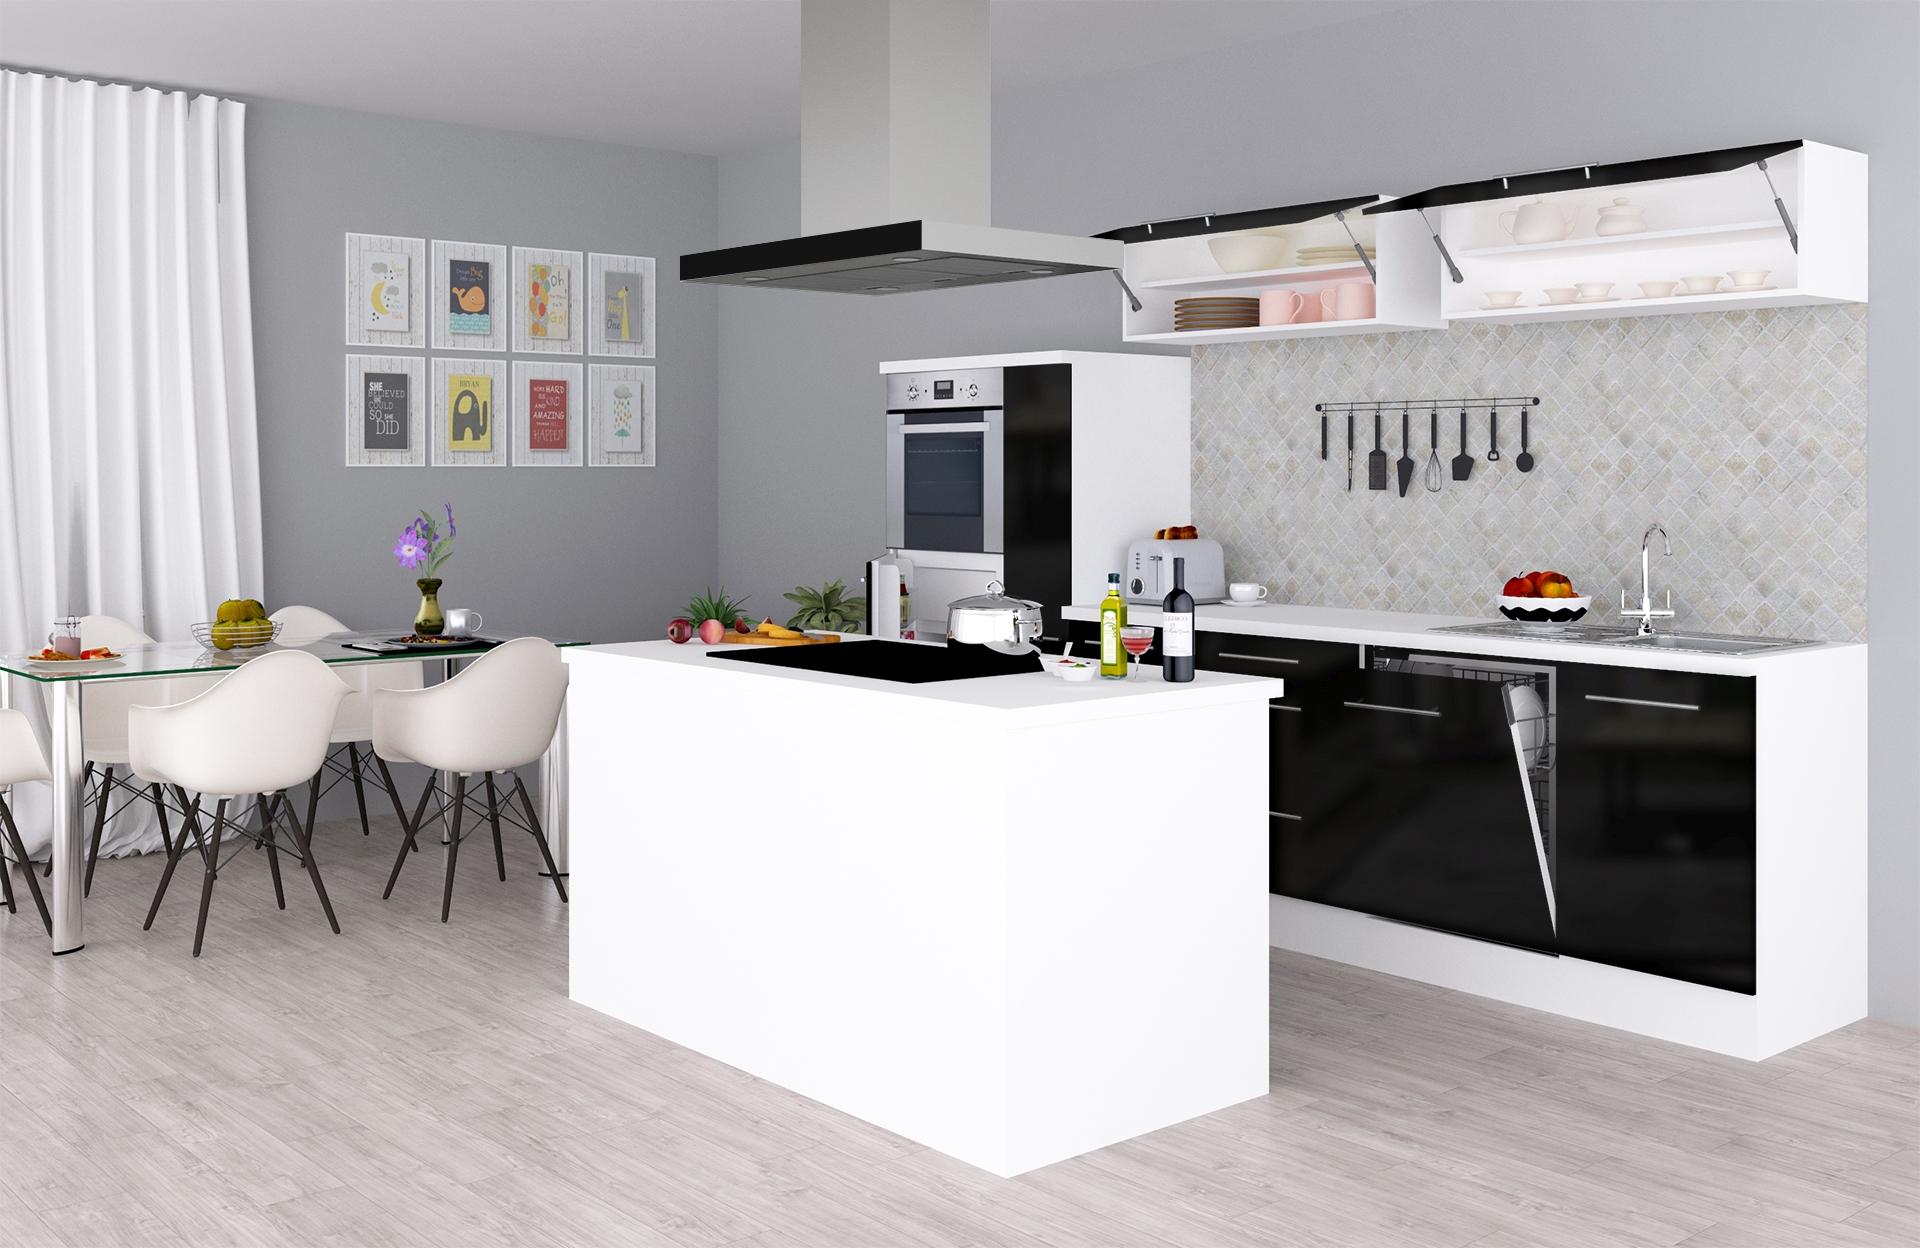 respekta Küchenzeile Inselküche Küche Hochglanz Küchenblock 310 cm weiß schwarz